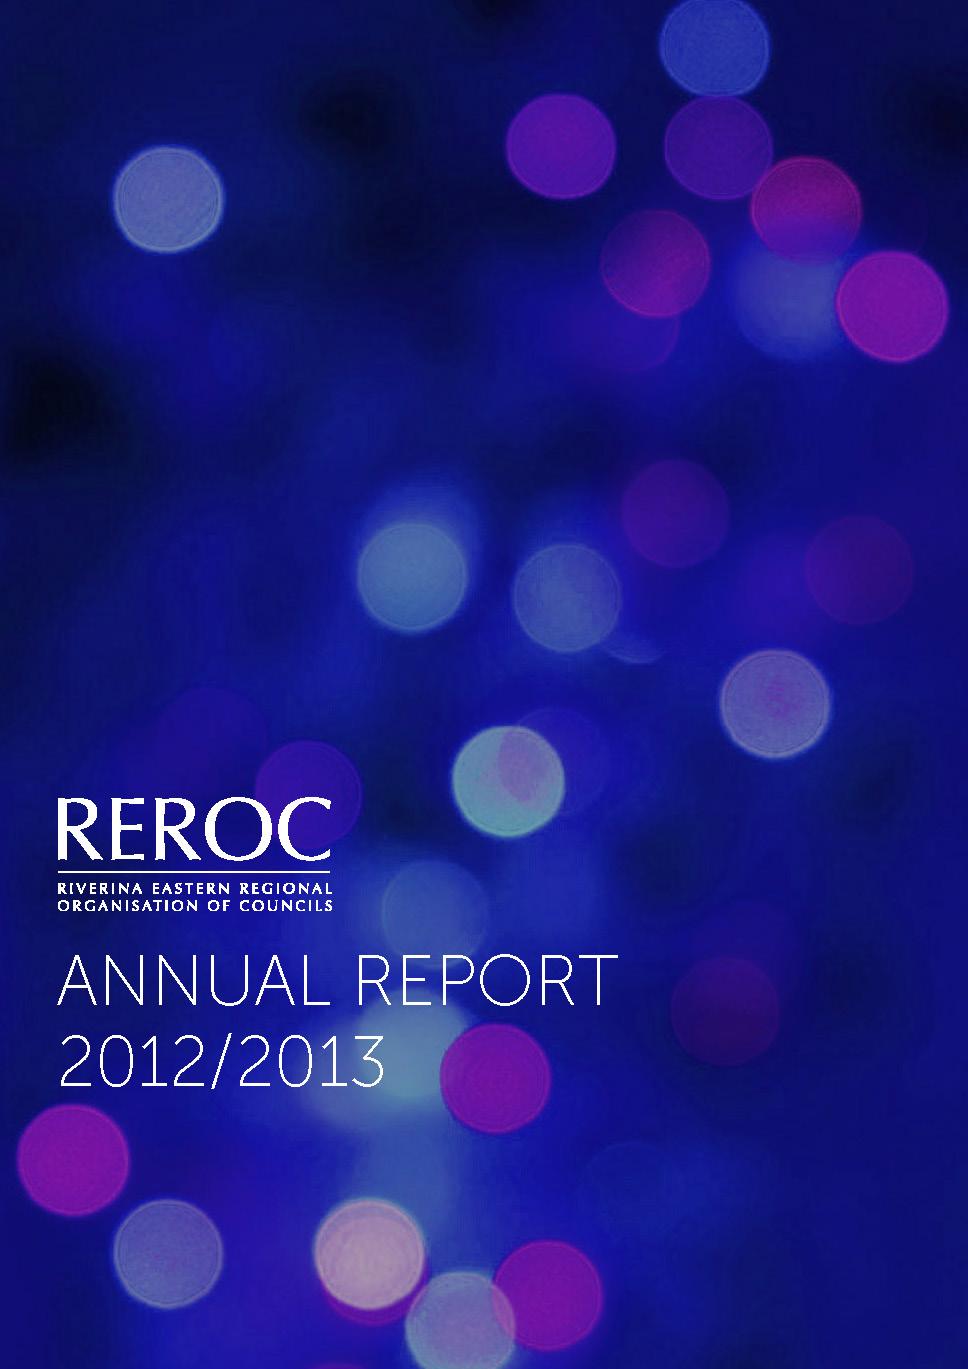 AnnualReport2012_13_web_Page_01.jpg